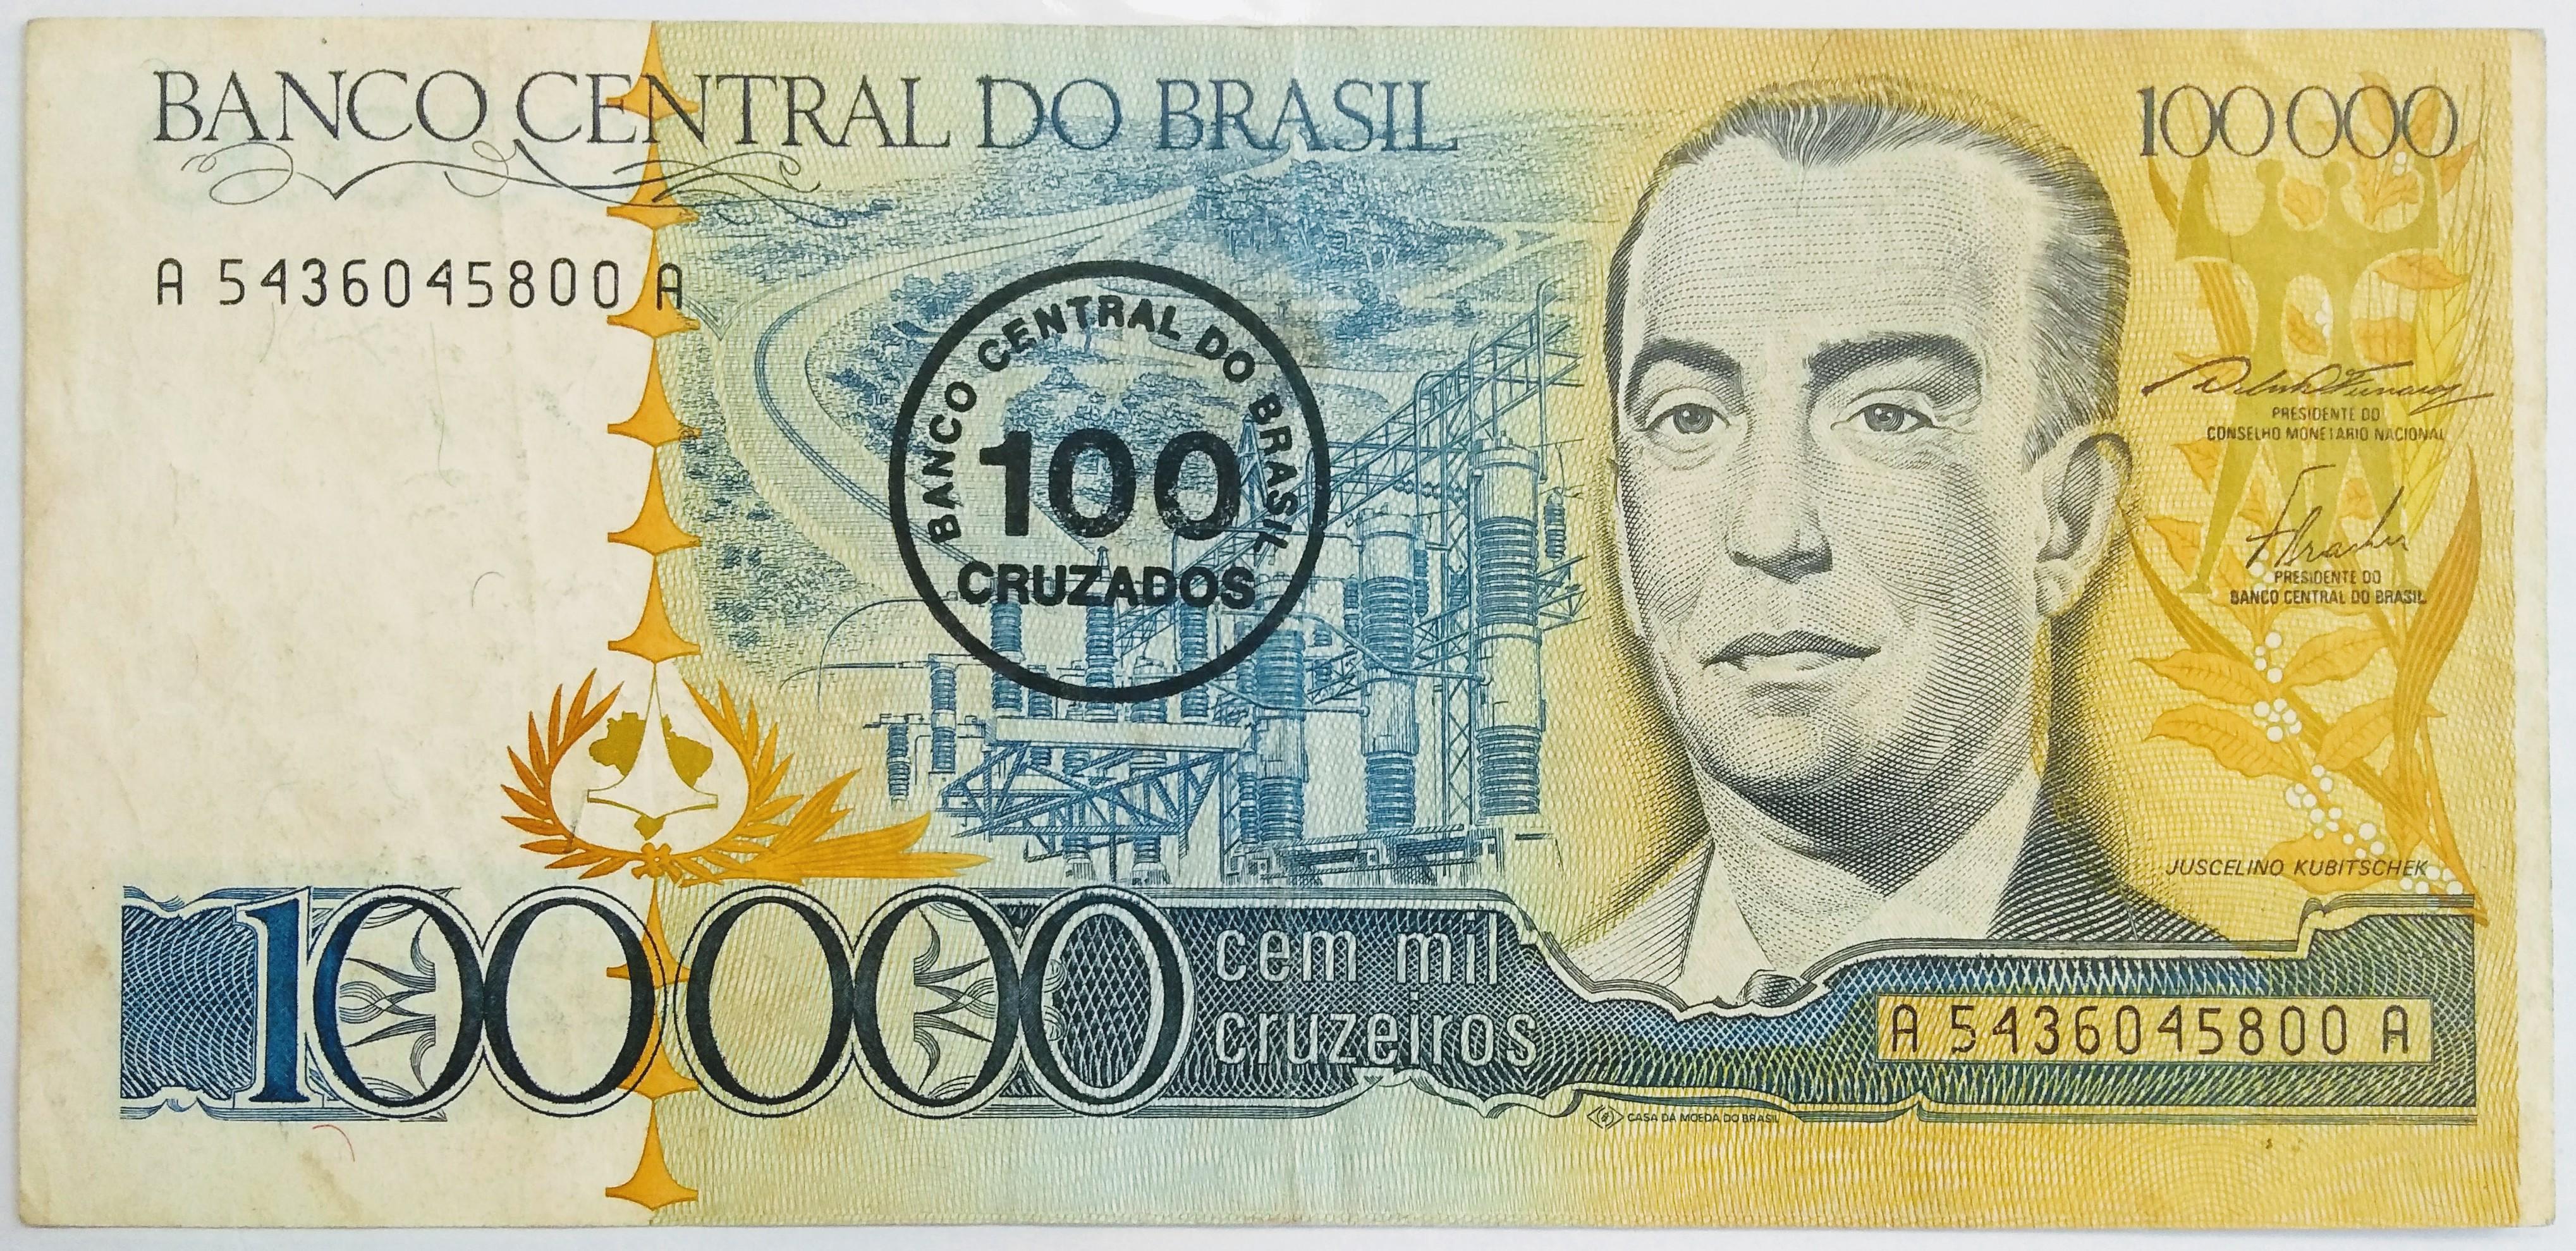 100 CRUZADOS